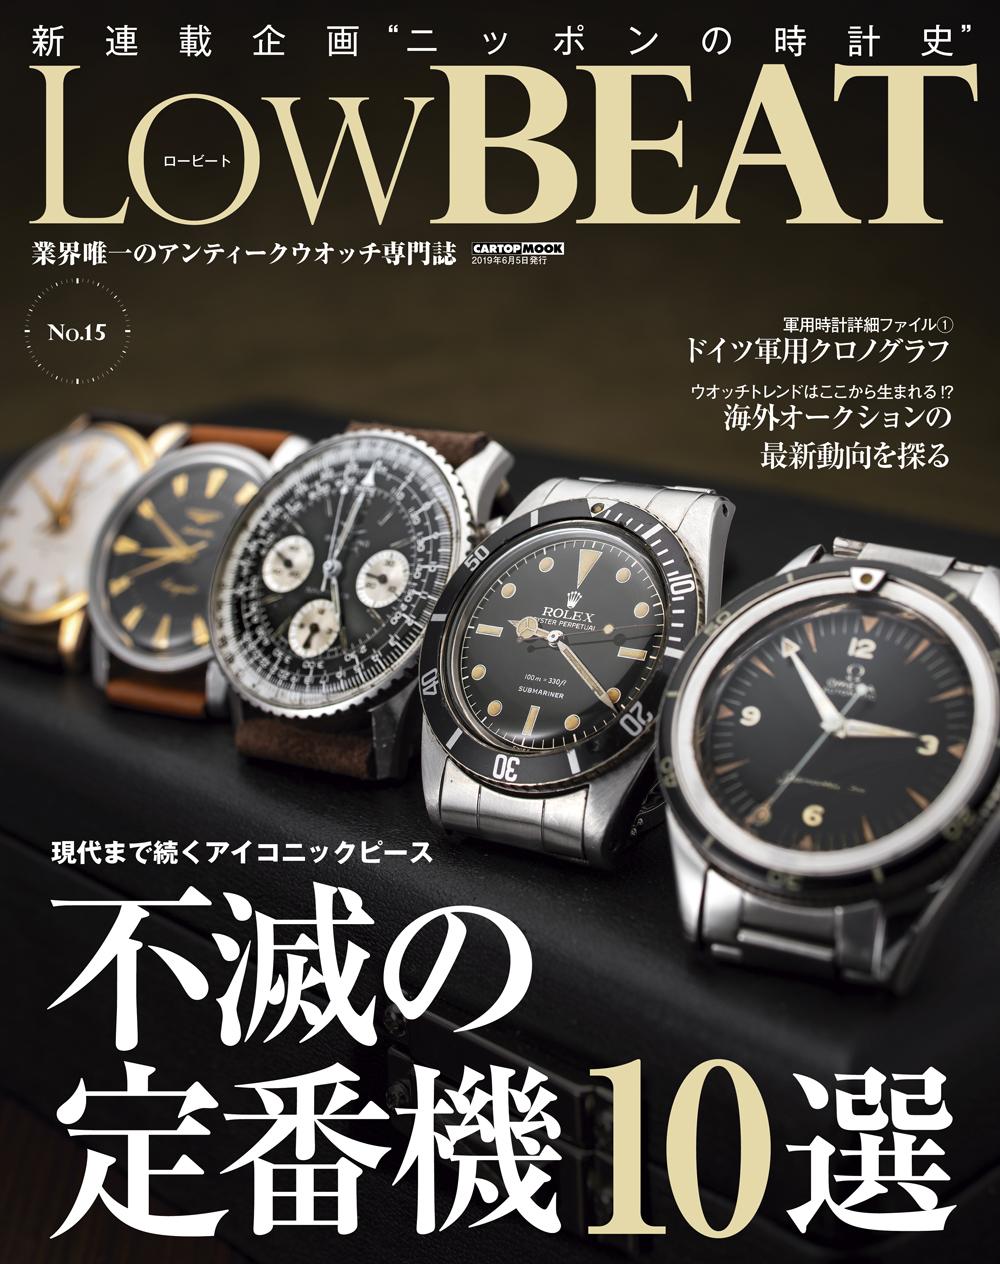 C's-Factory|書籍|LowBEAT No.15